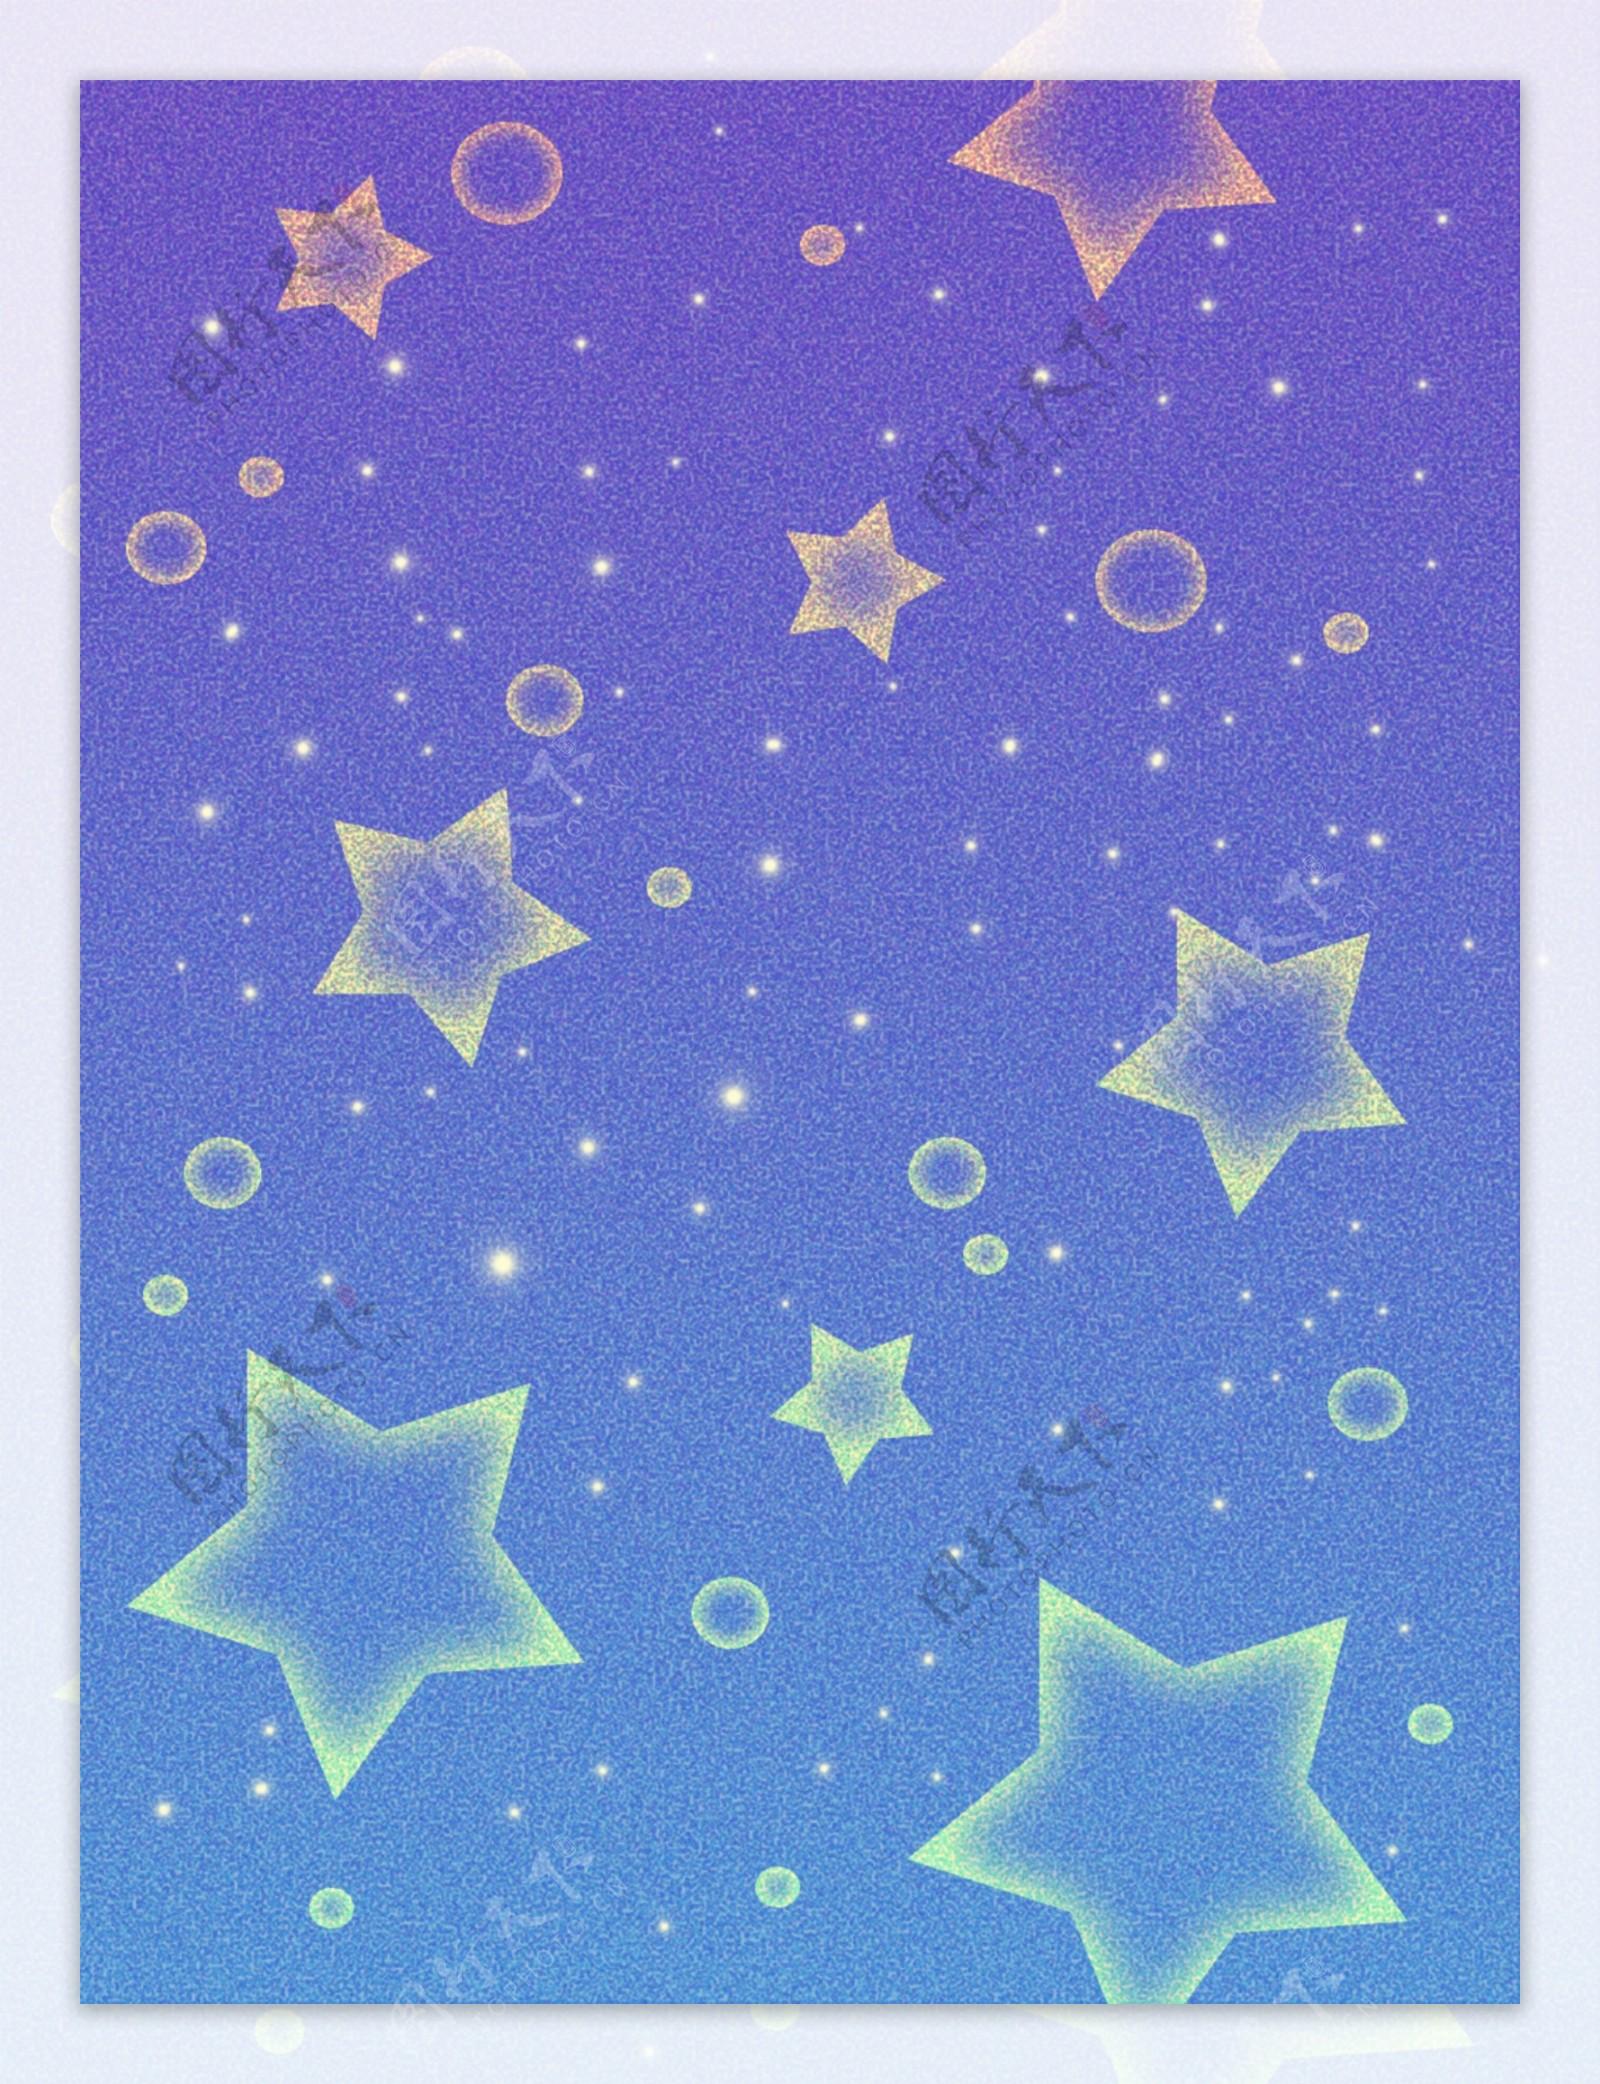 渐变色蓝紫色磨砂星星浪漫唯美通用背景